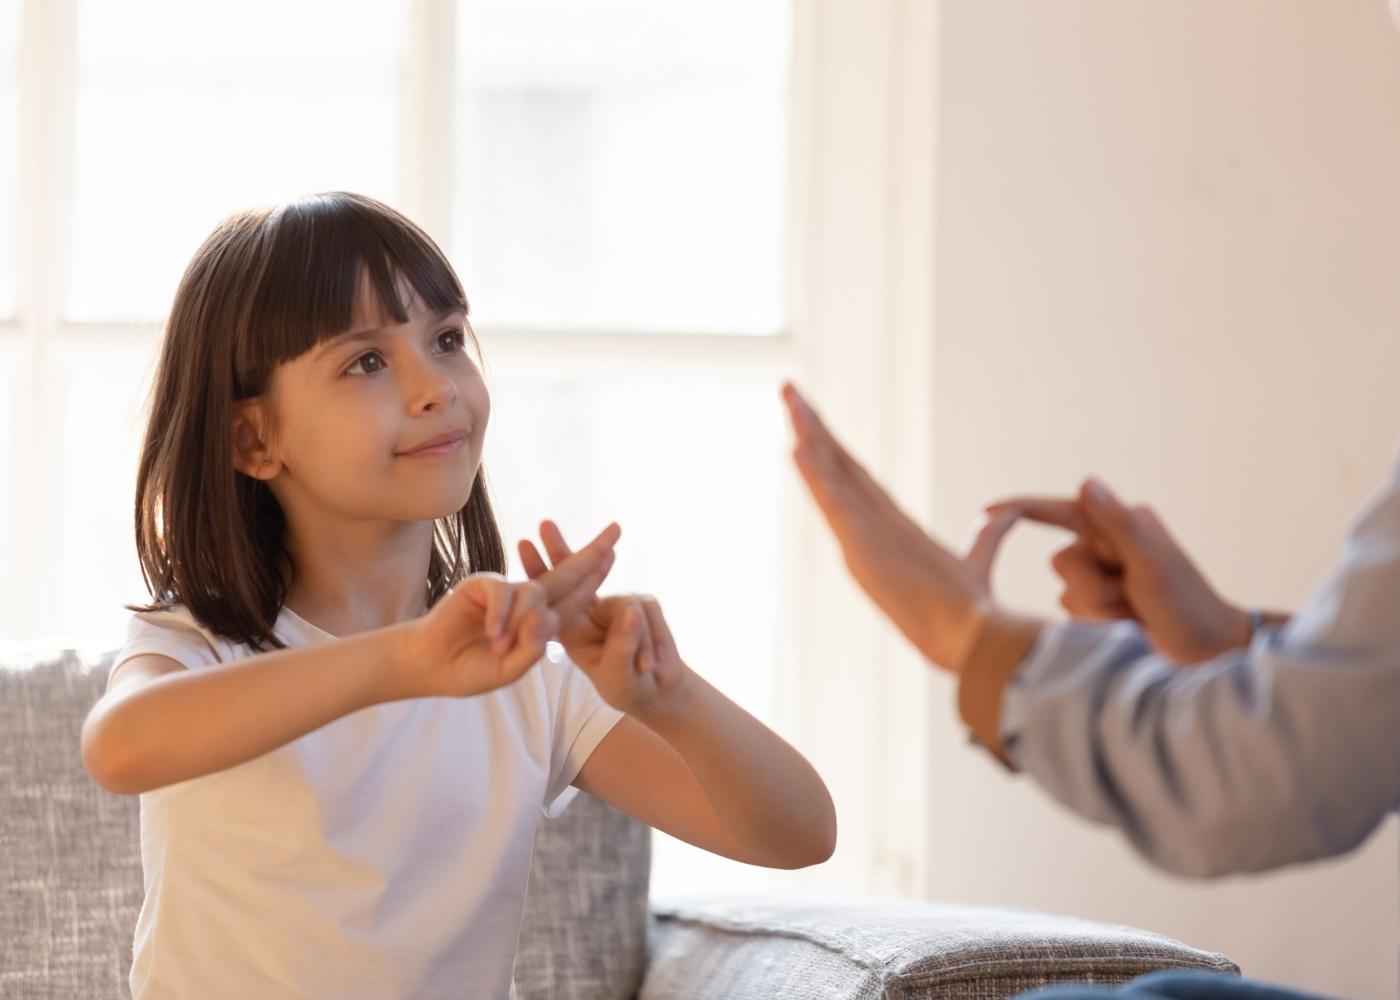 Criança a comunicar com terapeuta através de linguagem gestual